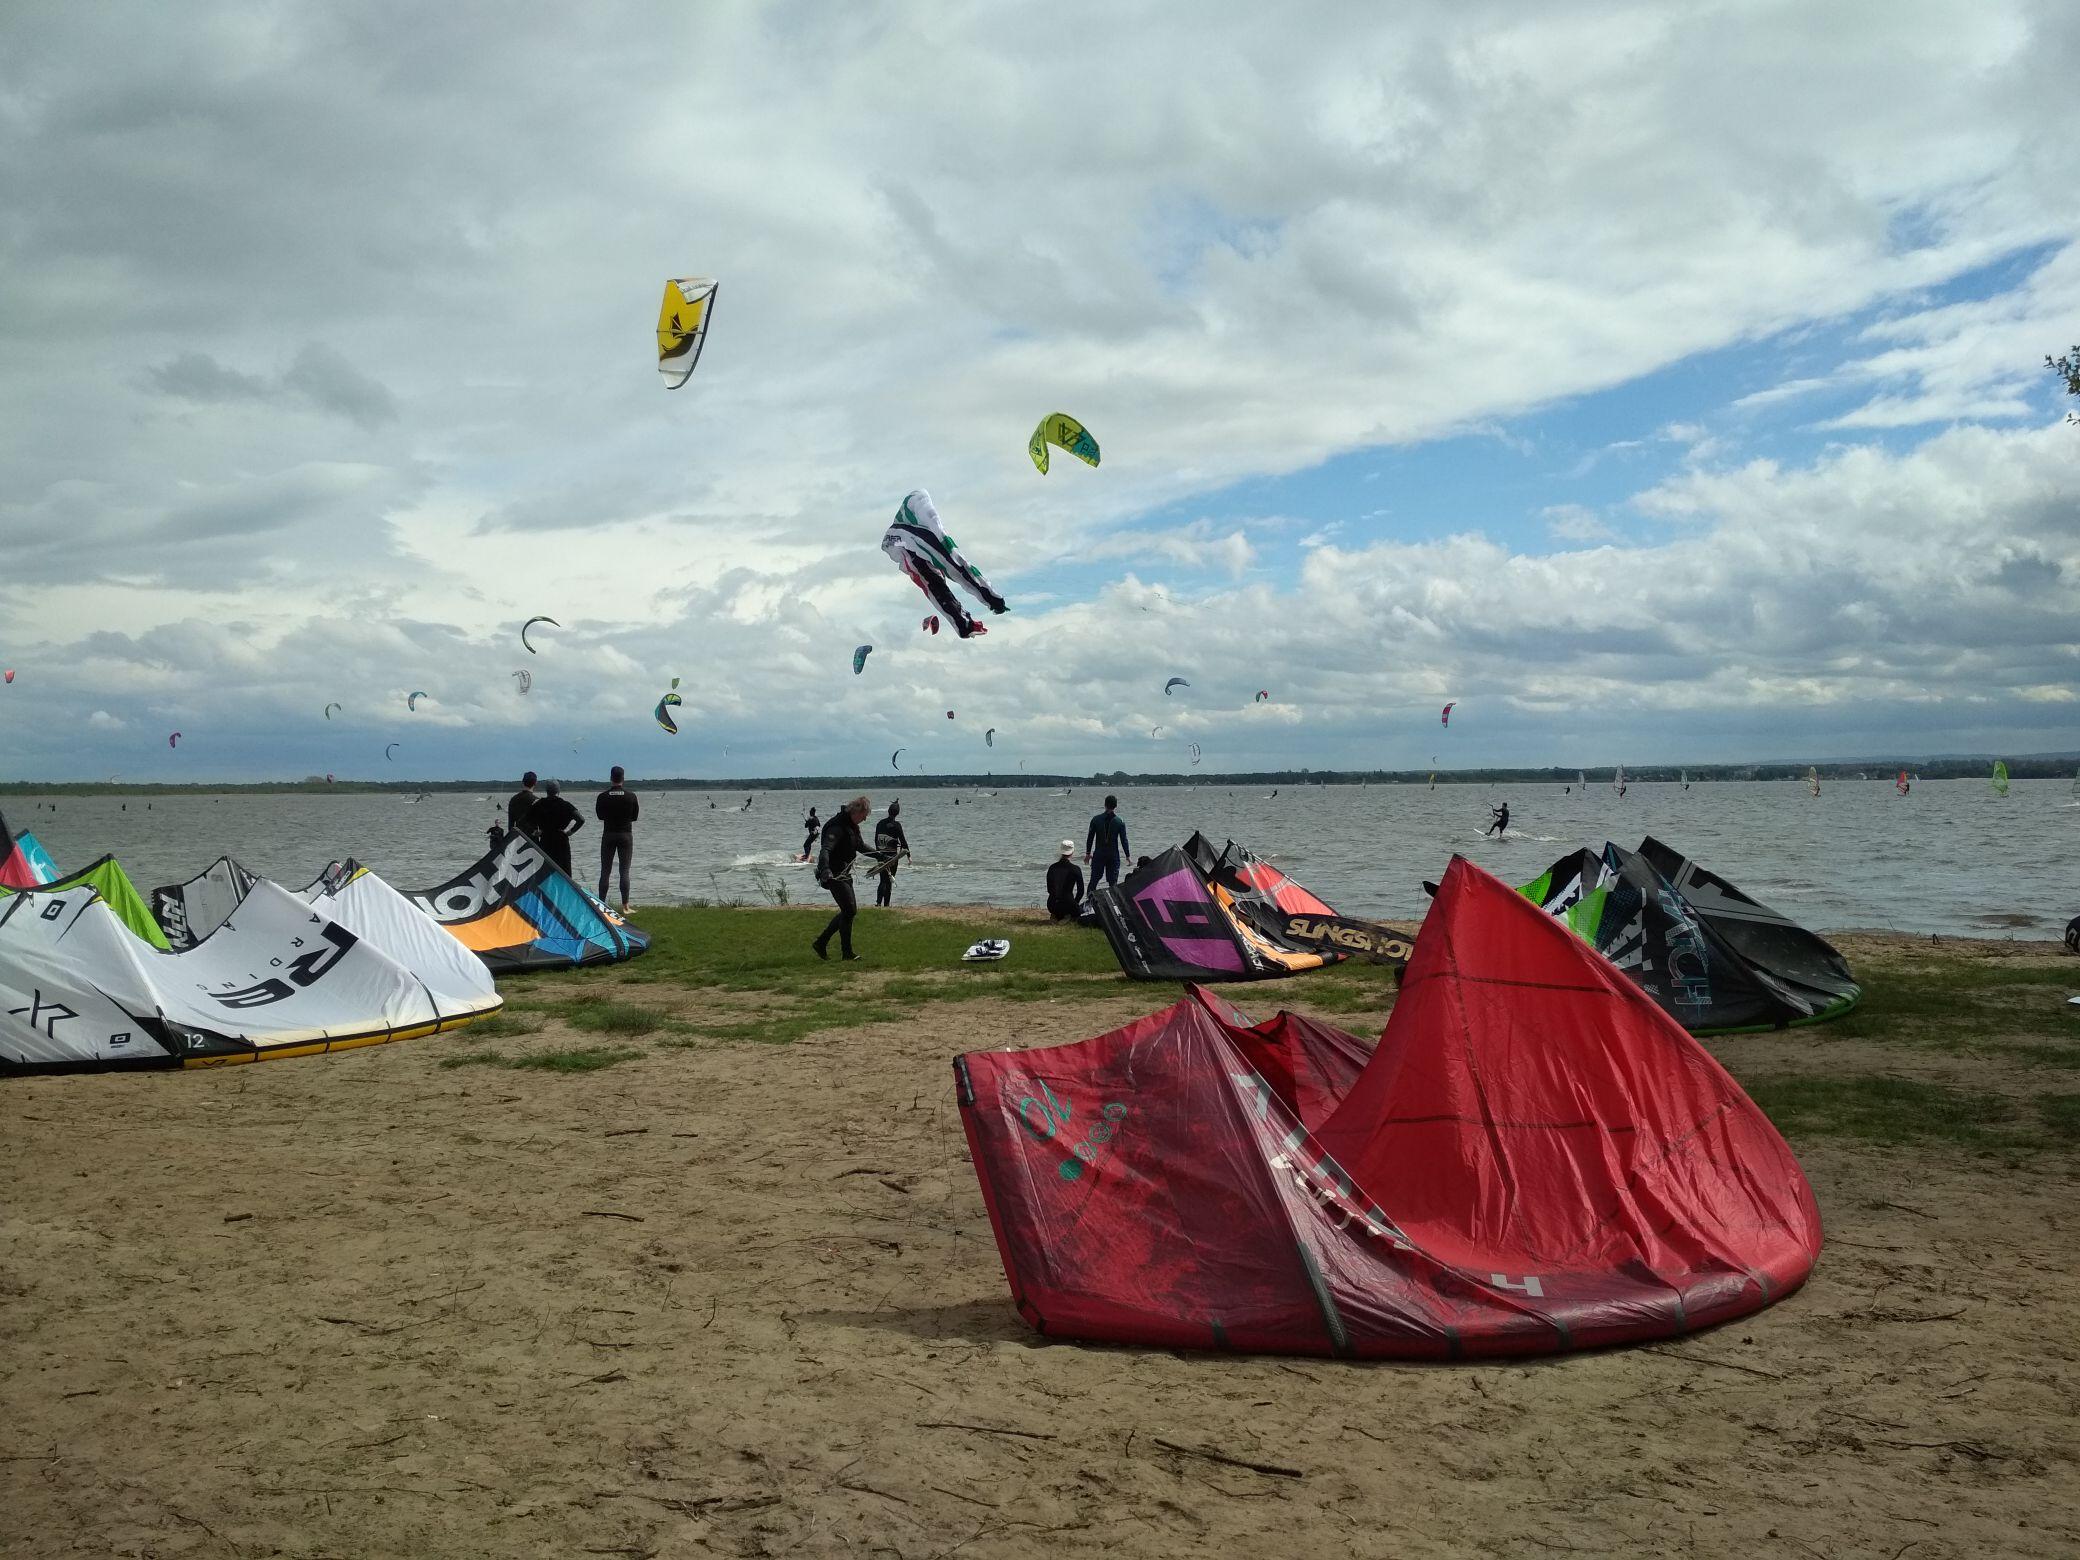 [Freebie] Nischendeal für Kiter: kostenlose Markierungssticker der Seenotrettung